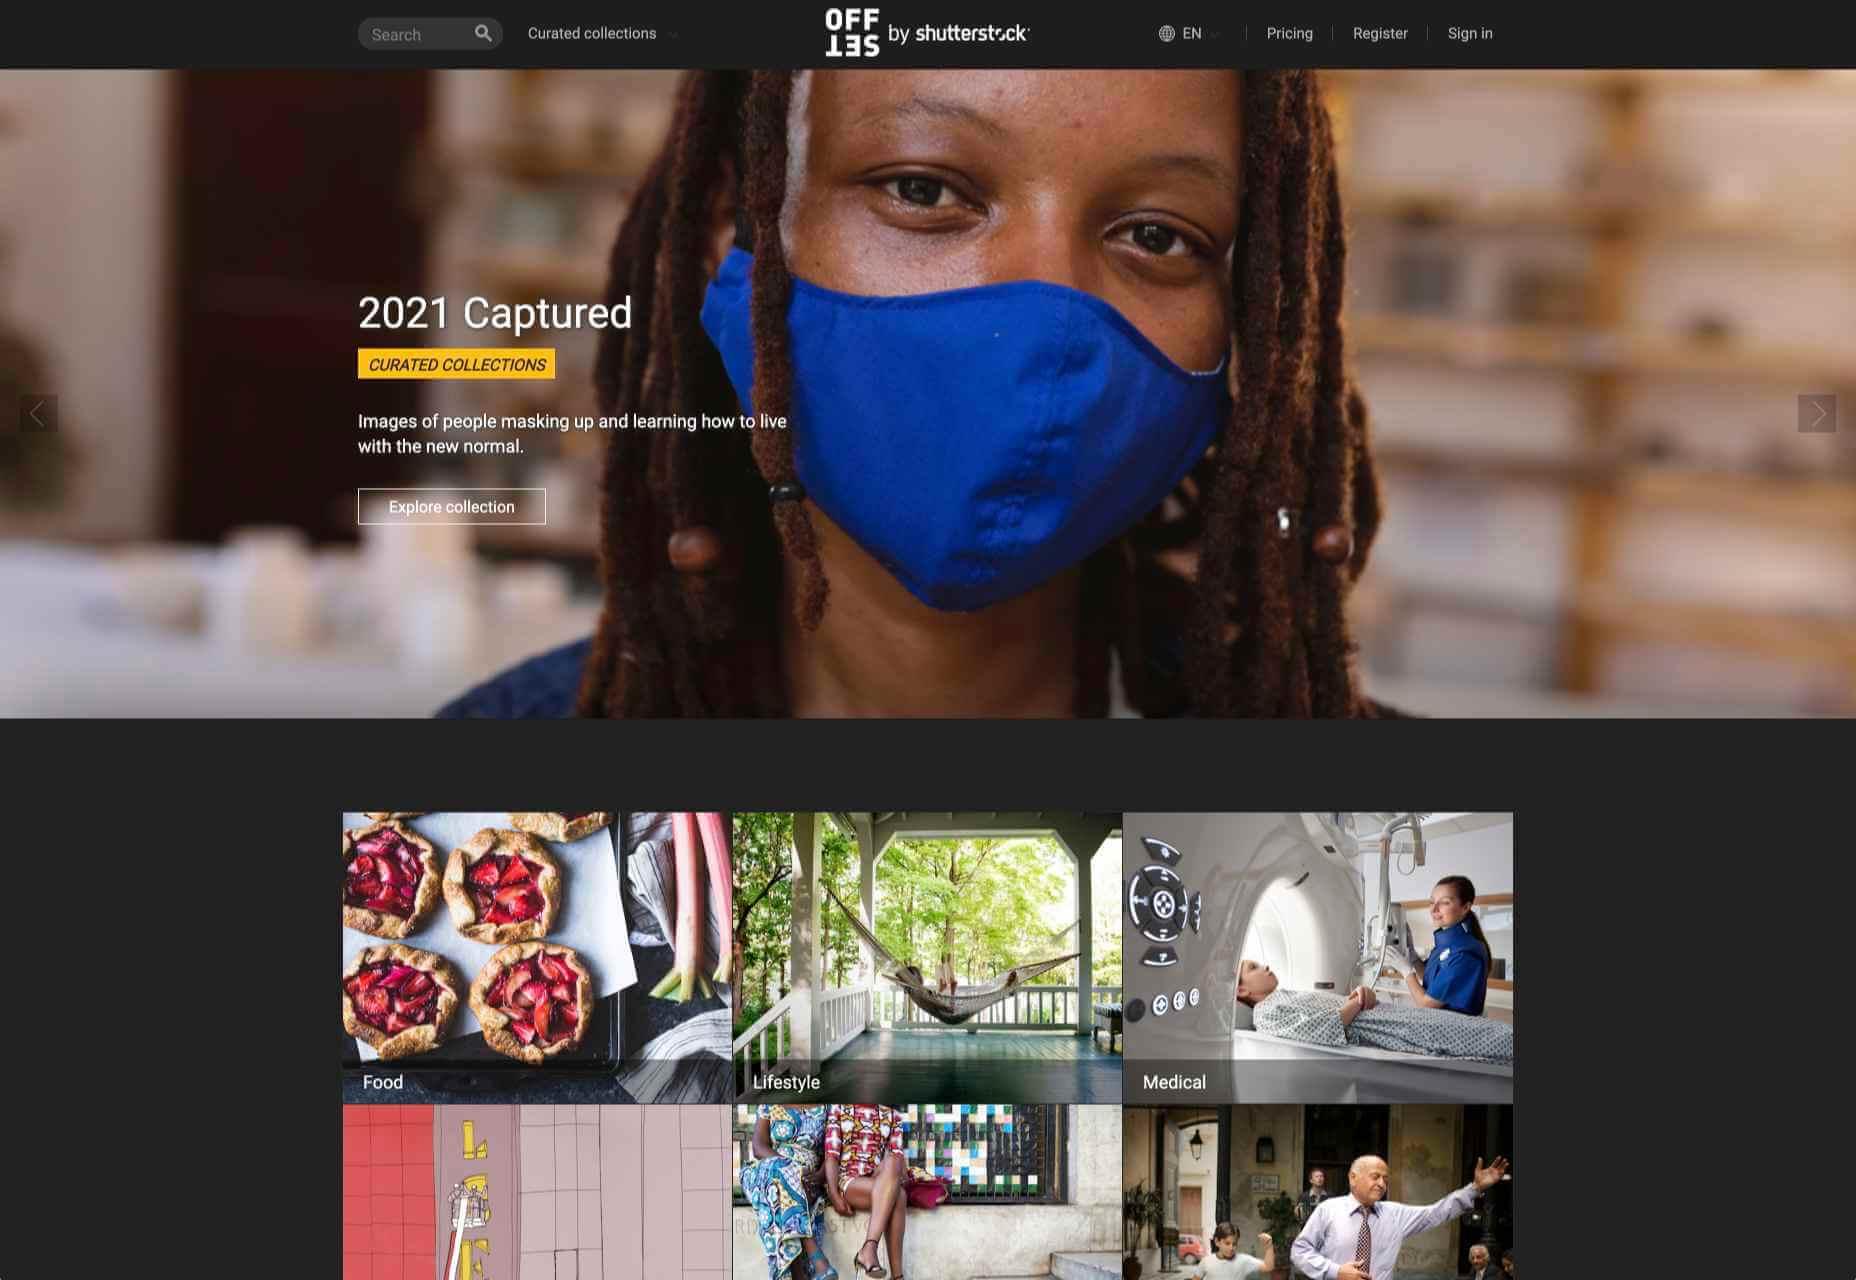 8 Best Premium Stock Image Sites For 2021 Webdesigner Depot Webdesigner Depot Blog Archive